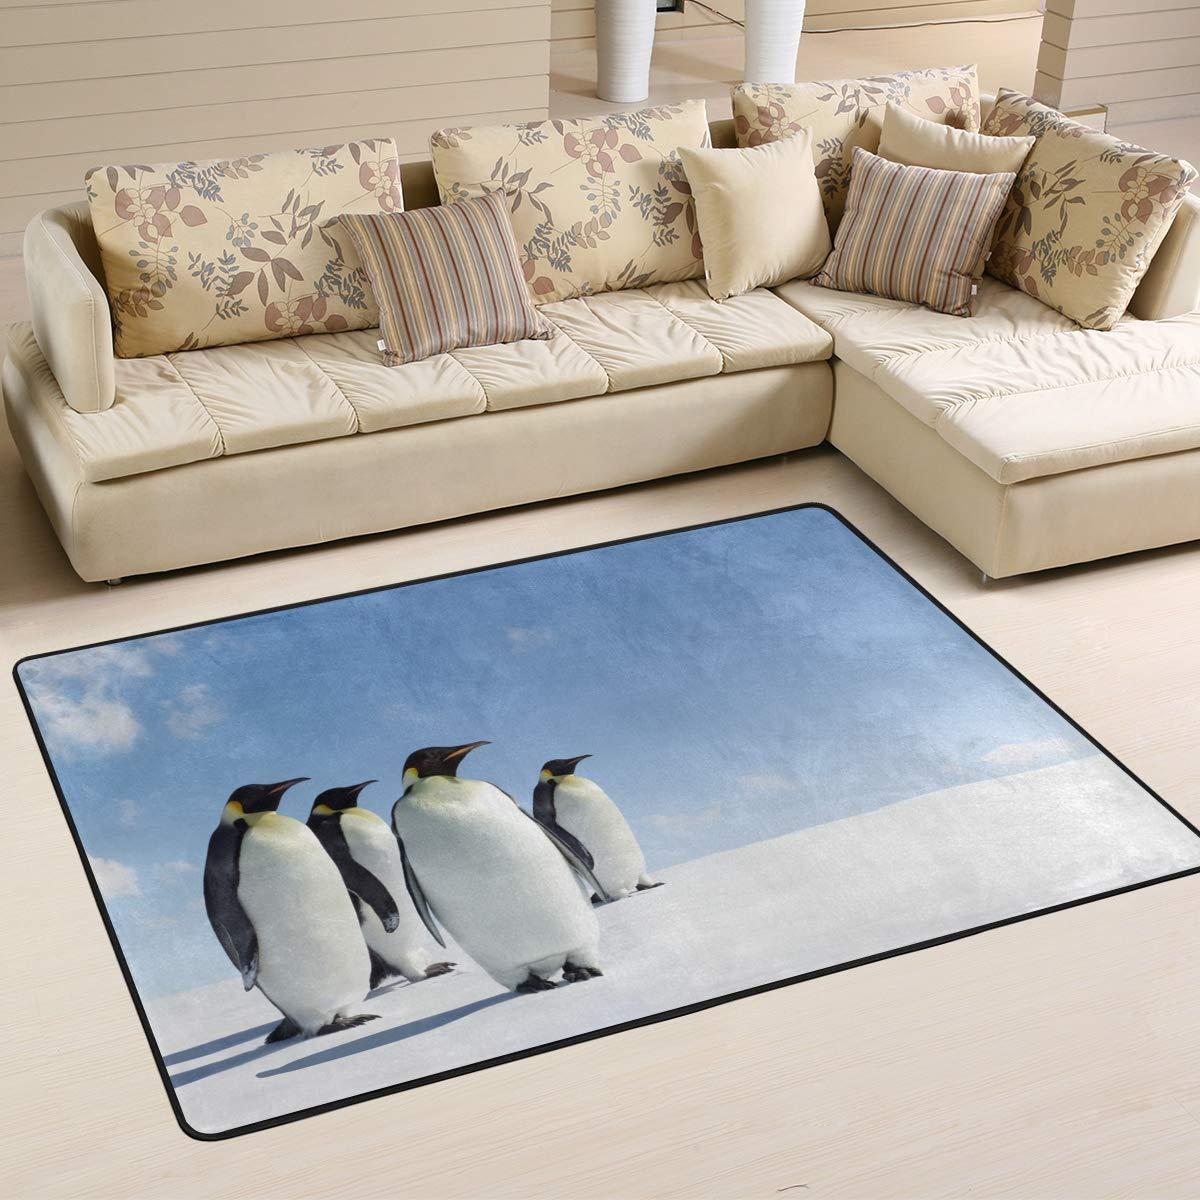 JSTEL Weiche Emperor Pinguine Wohnzimmerteppich, 90 x 60 cm, Multi, 180 x 120 cm